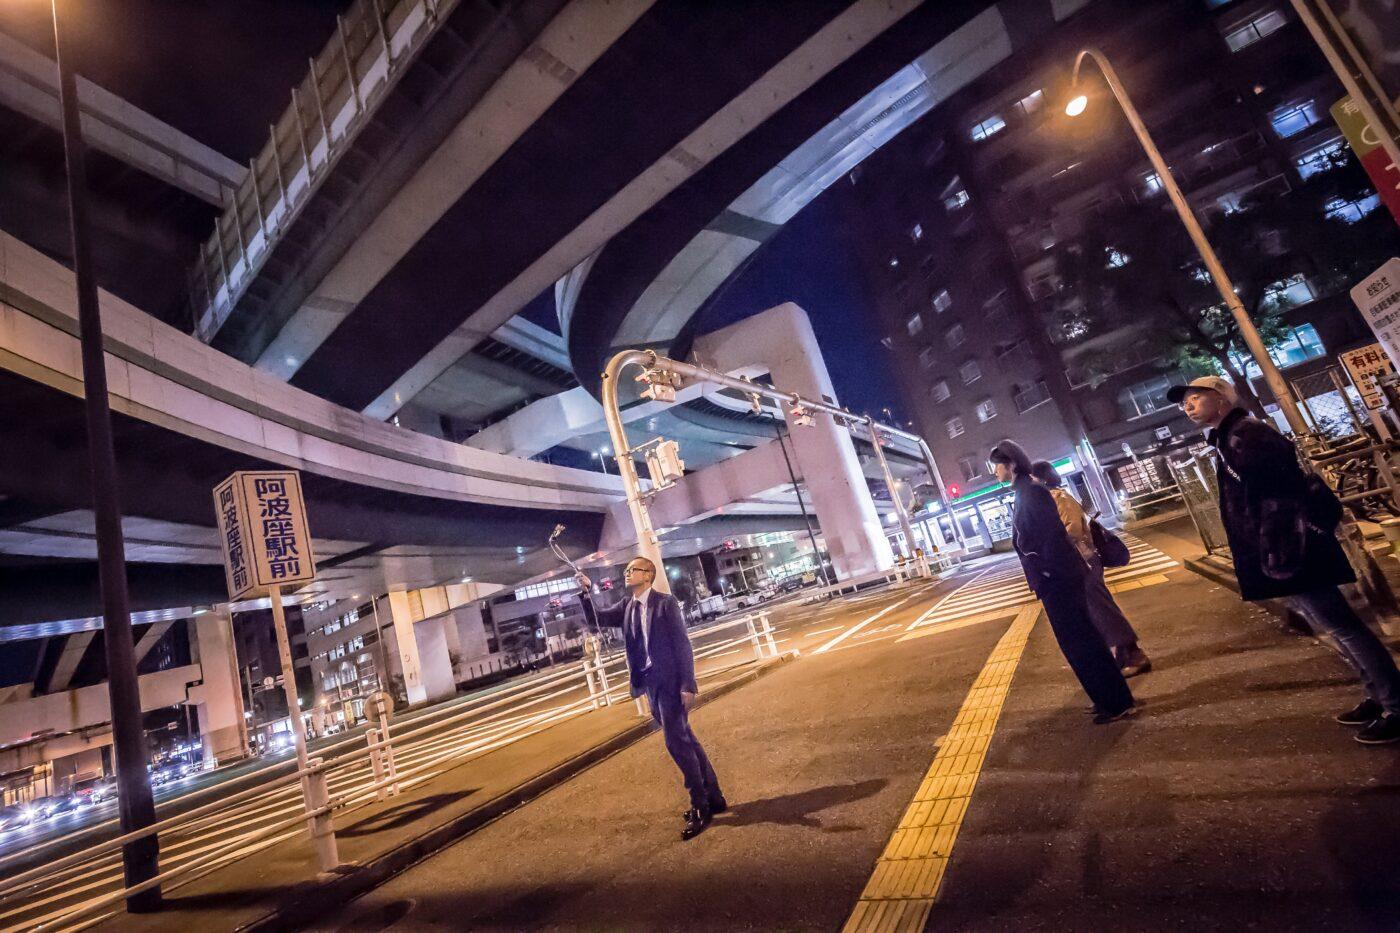 極東退屈道場、新作公演『LG21クロニクル』のためのリサーチ公開。大阪にそびえ立つ高層住宅をヒントに新たな仮想都市オオサカを描く。